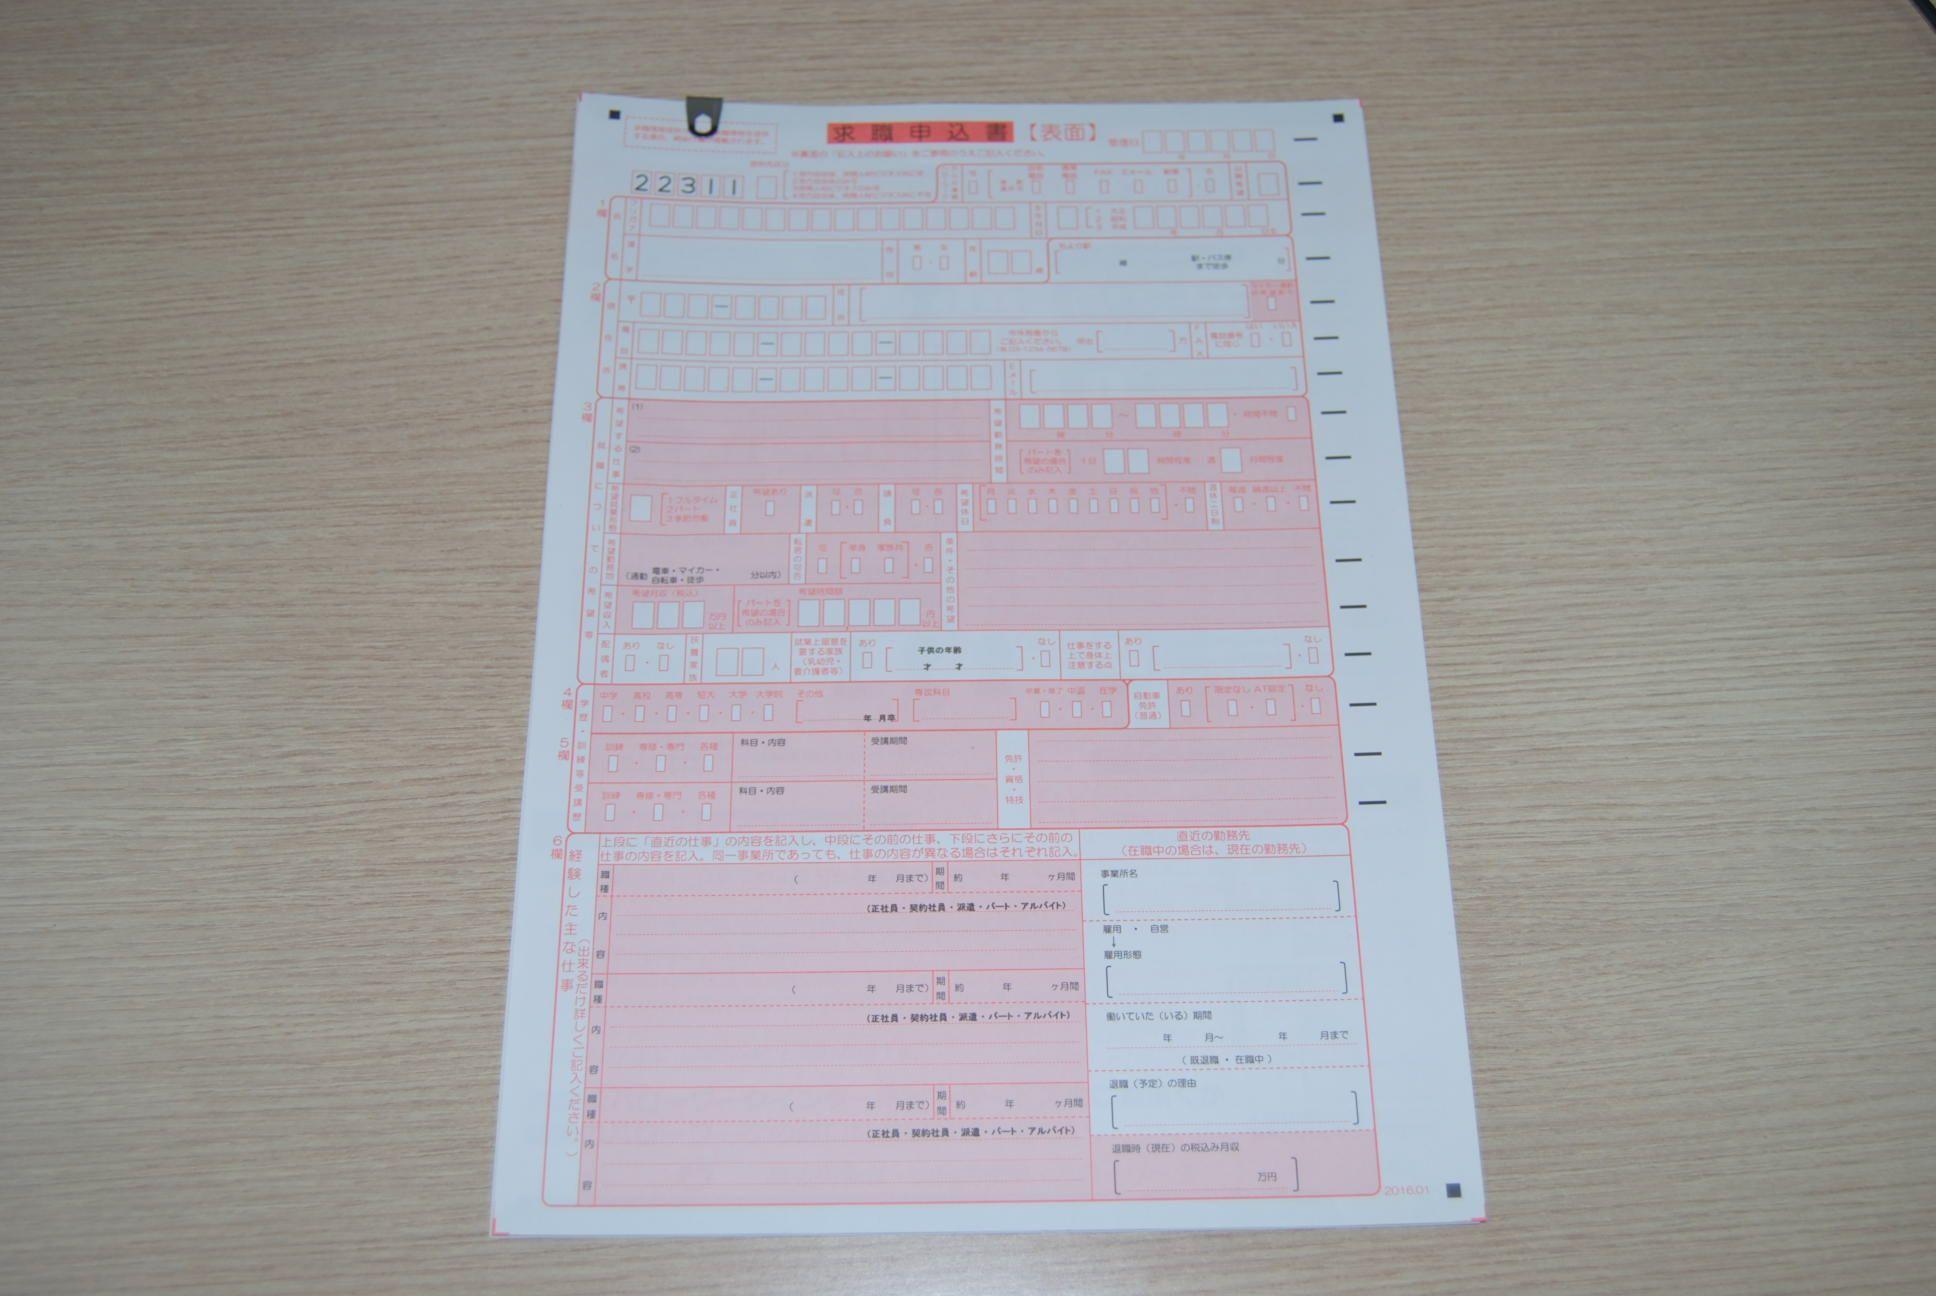 求職申し込み書です。記入方法が分からない場合は、スタッフに聞いてみましょう。